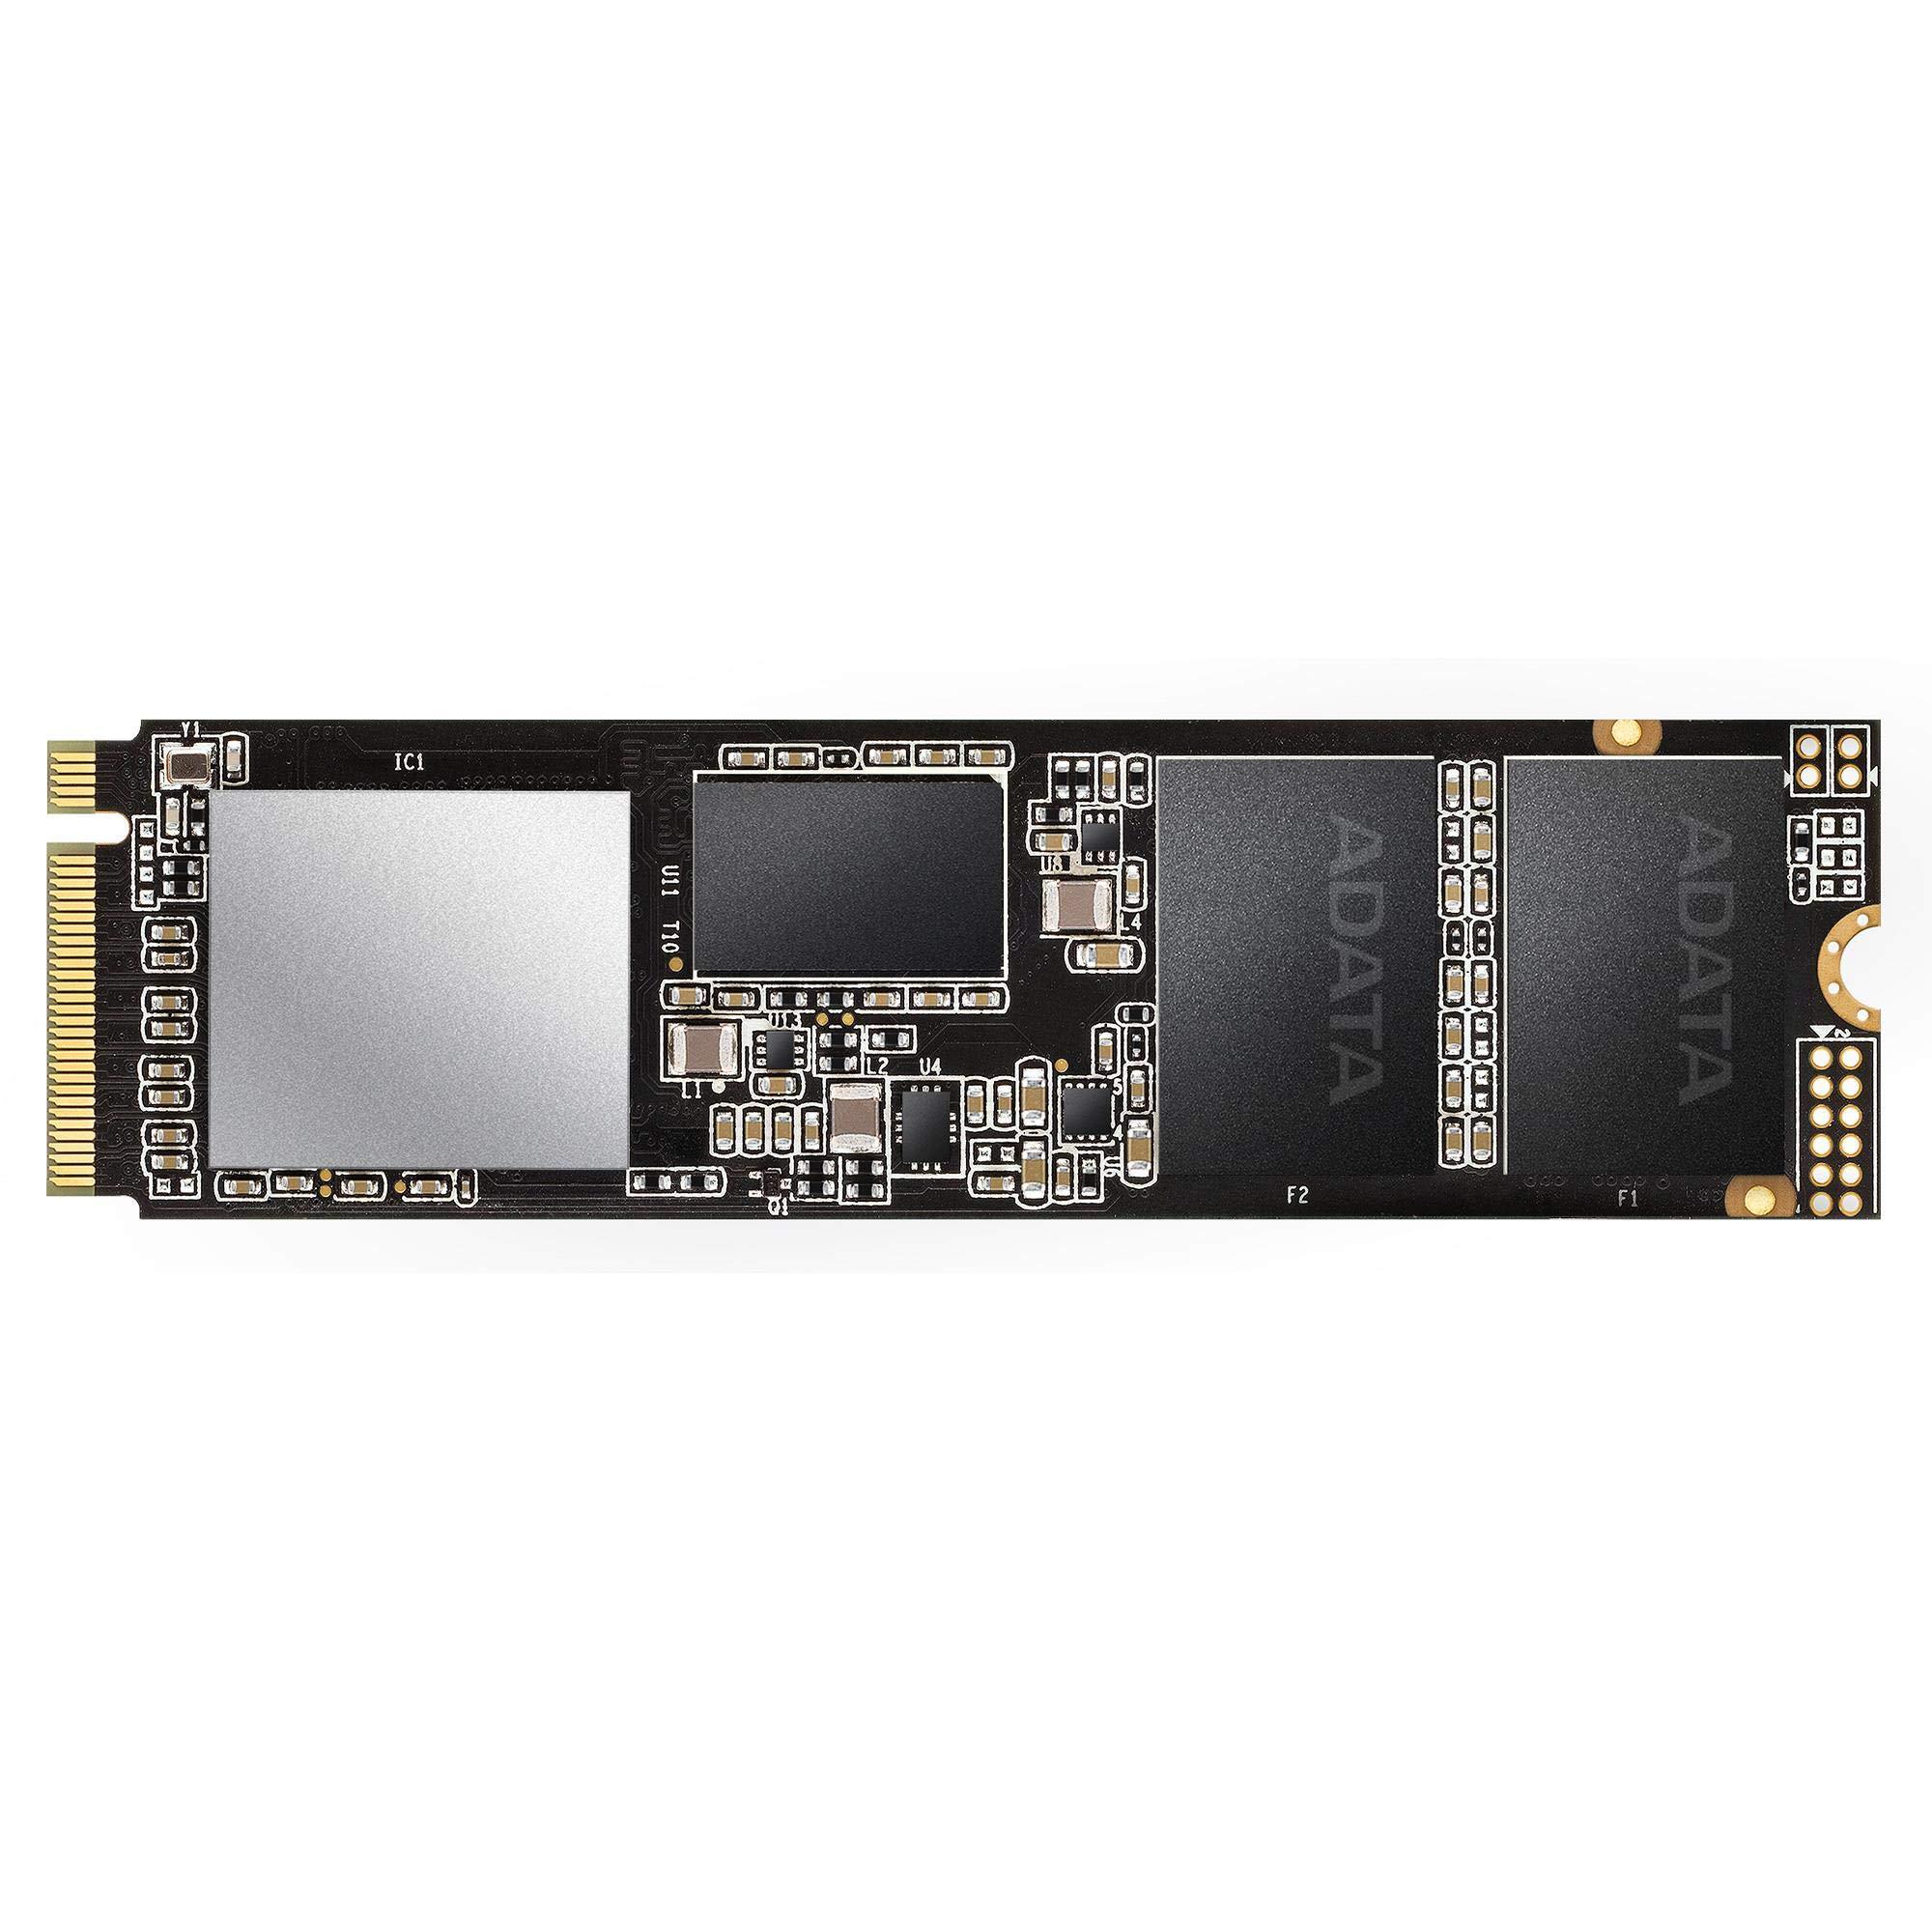 ADATA XPG SX8200 Pro 1TB 3D NAND NVMe Gen3x4 PCIe M.2 2280 Solid State Drive R/W 3500/3000MB/s SSD (ASX8200PNP-1TT-C) by XPG (Image #4)